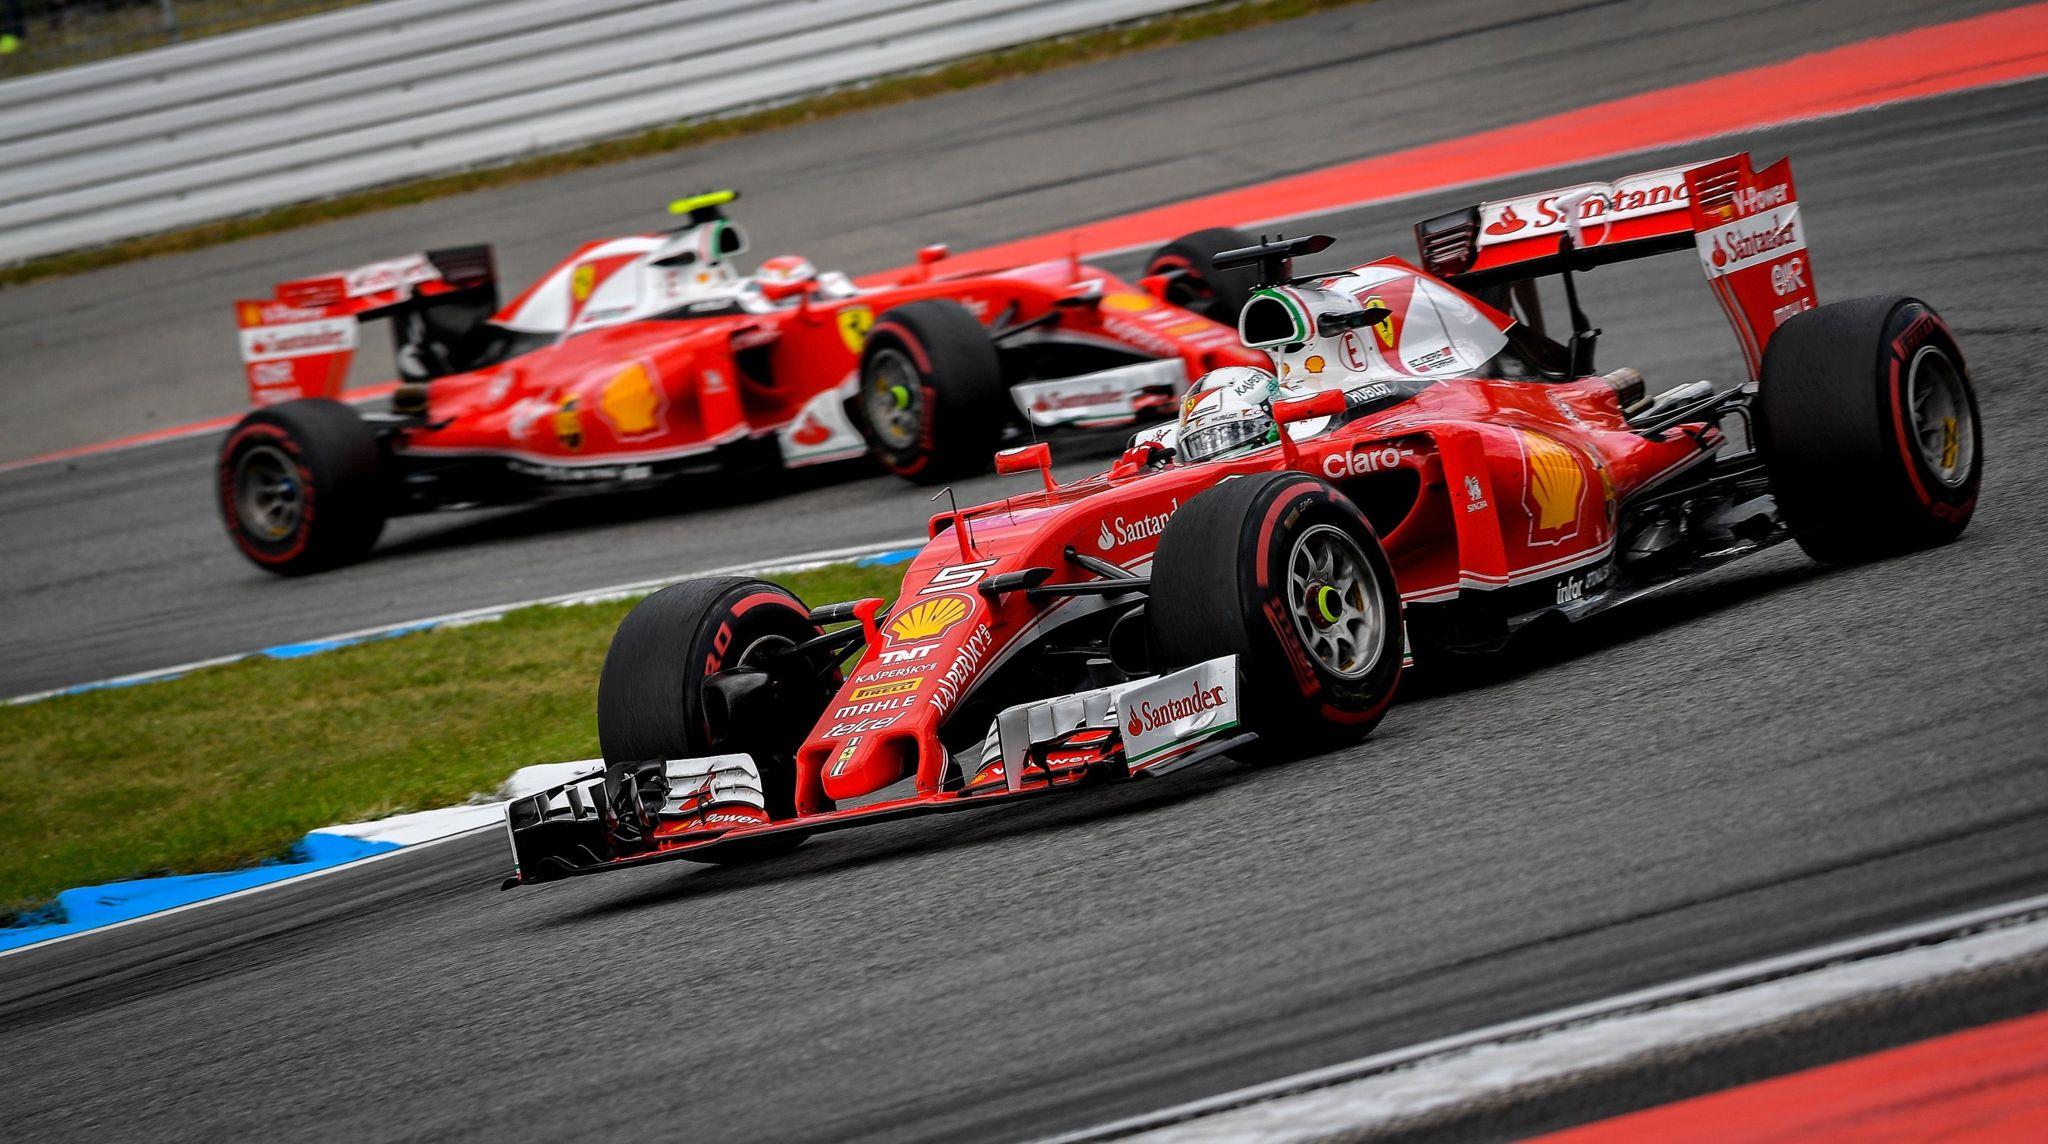 Los dos ferrari durante el GP de Alemania